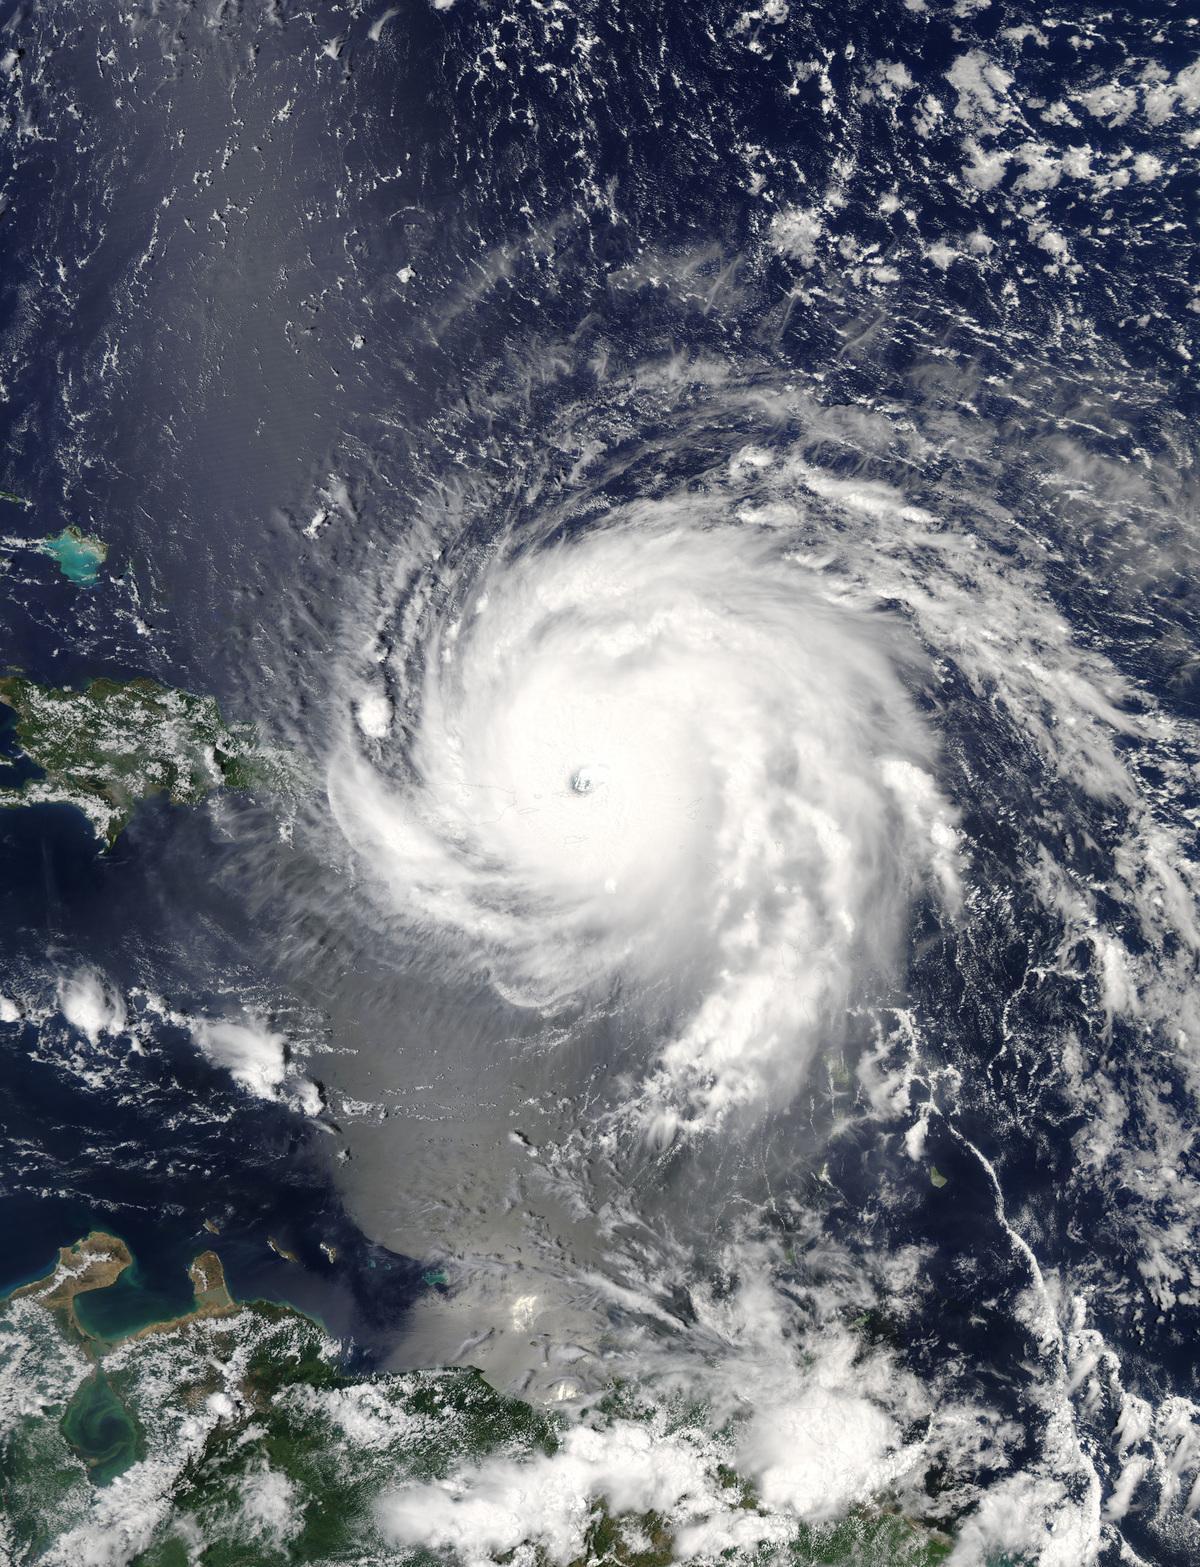 Relev, un projet de recherche pour anticiper le relèvement des territoires sinistrés par des catastrophes naturelles